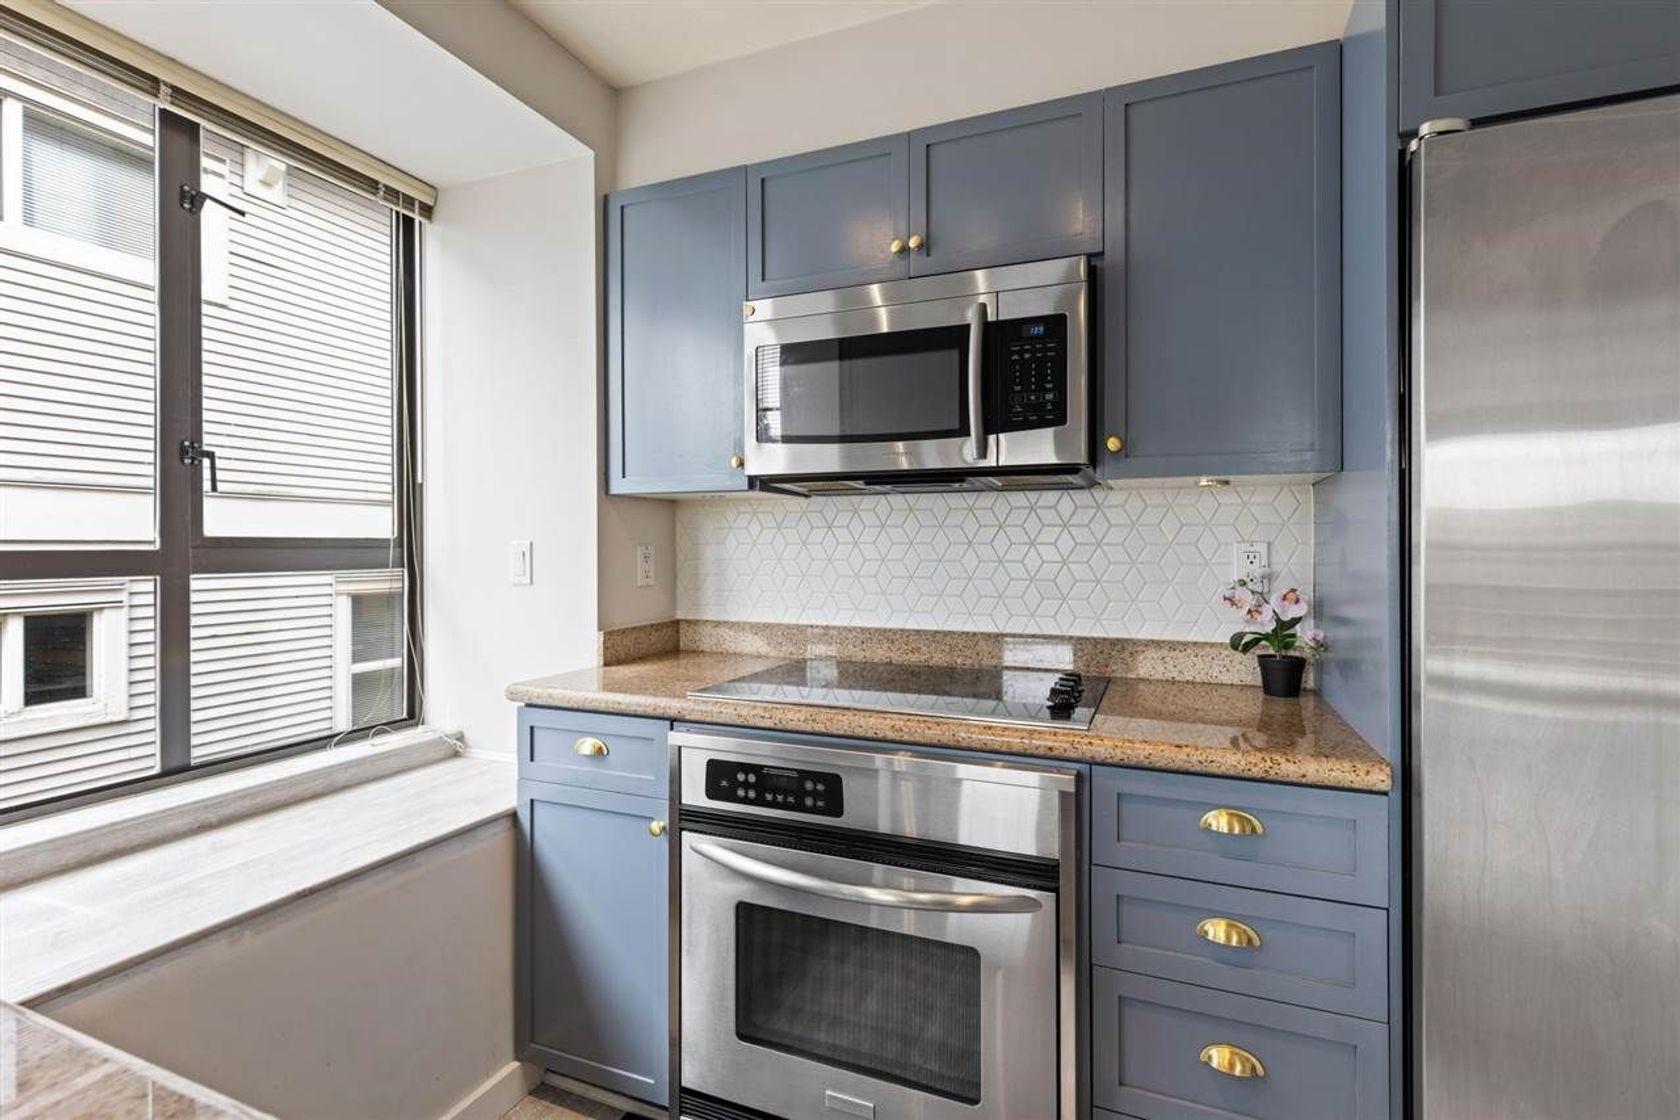 2436-w-4th-avenue-kitsilano-vancouver-west-10 at 301 - 2436 W 4th Avenue, Kitsilano, Vancouver West